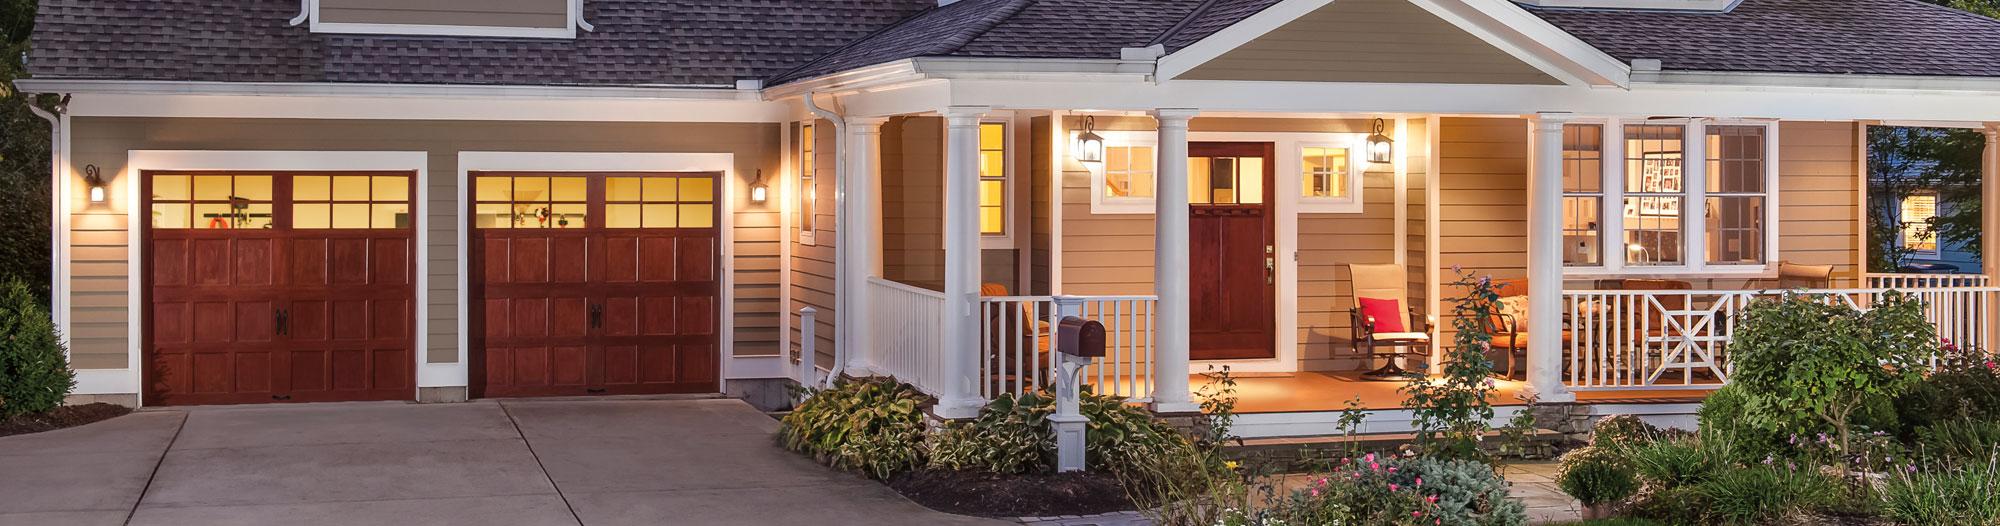 Arbor grove collection garage doors quality overhead door for Garage door repair grove city ohio